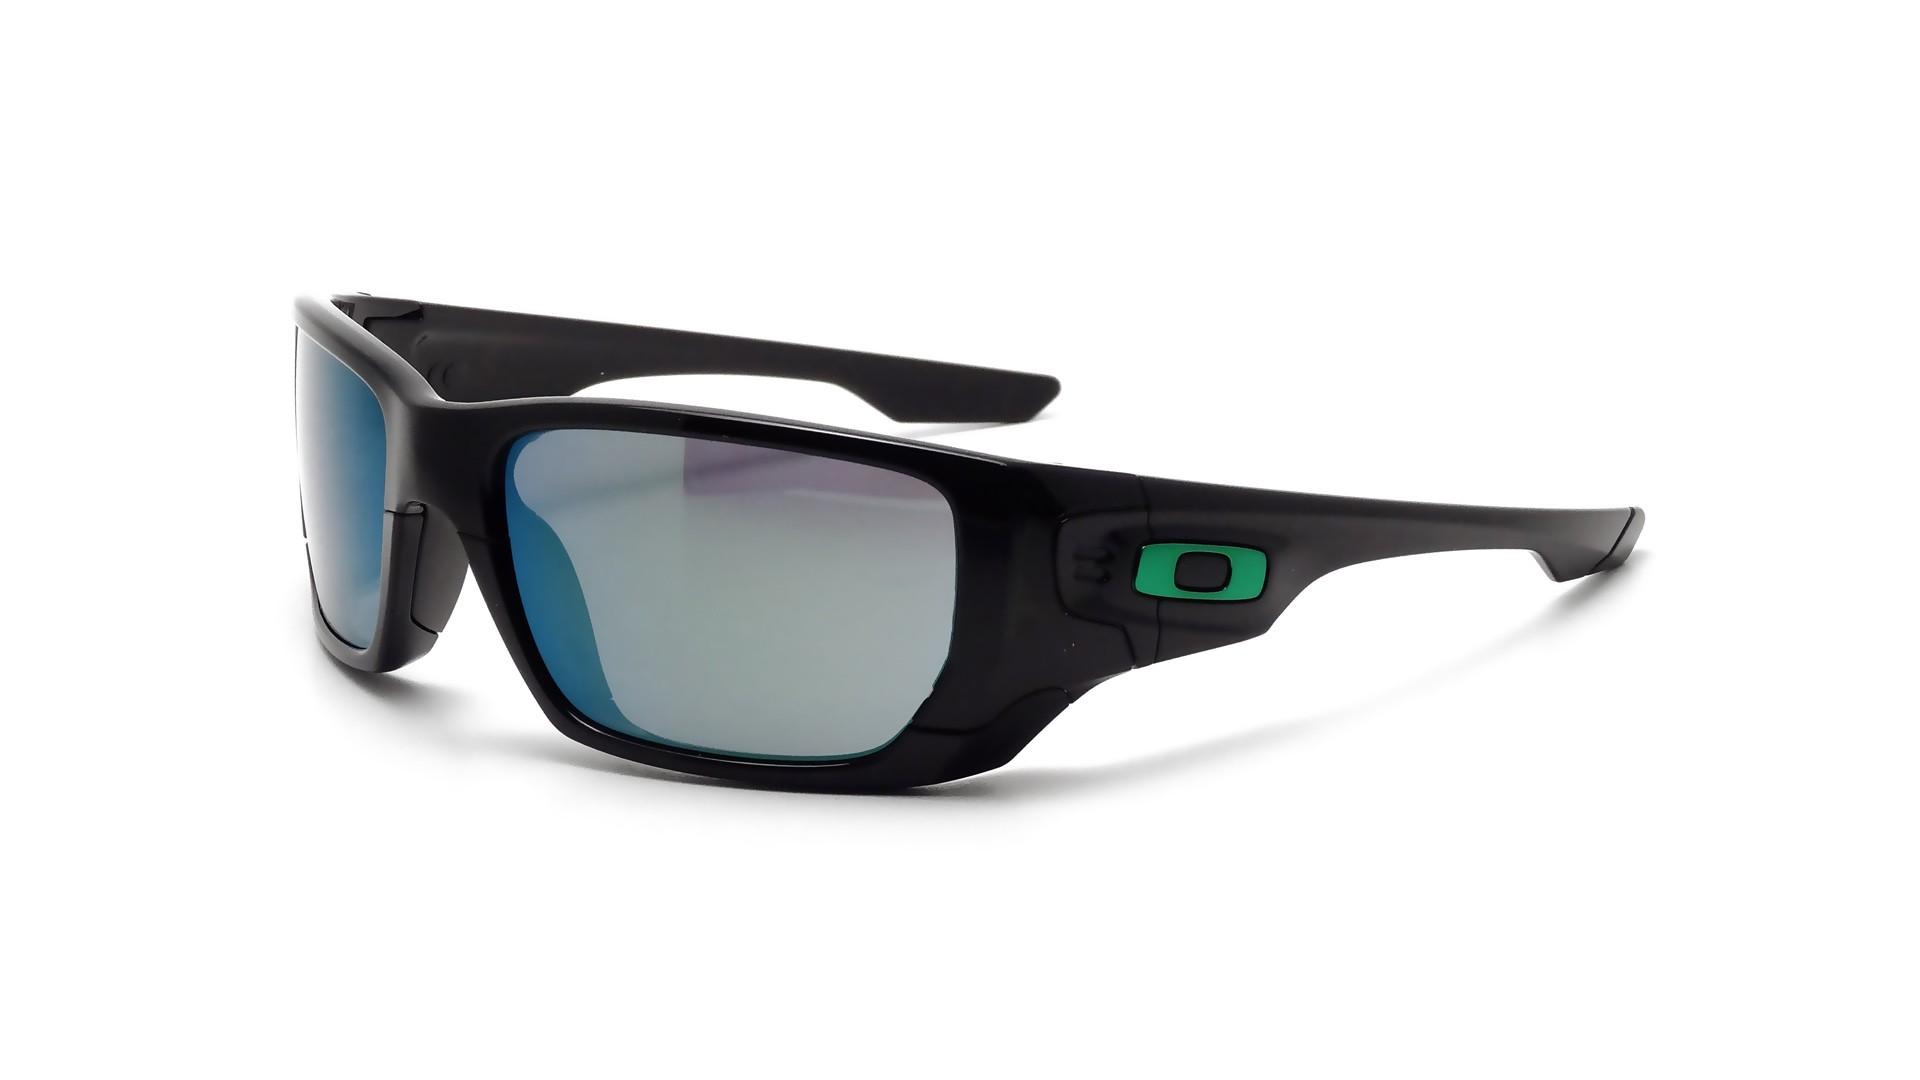 5e67b86c65 Oakley Sunglasses Oo9194 Style Switch « Heritage Malta